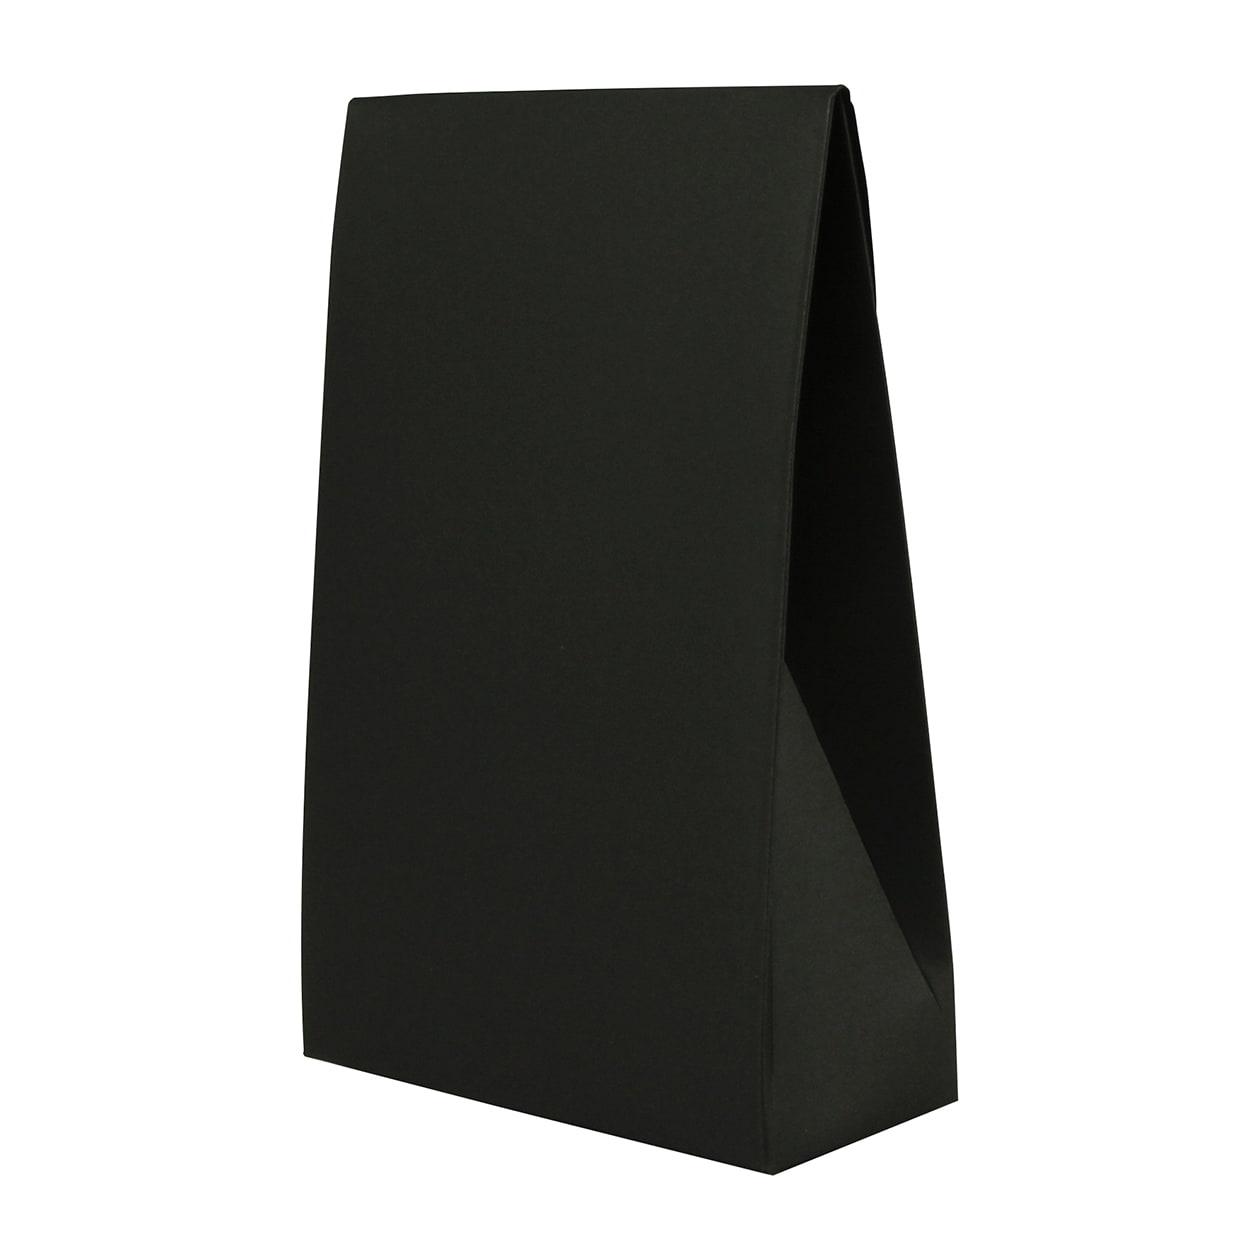 角底箱ロック式120×180×50 ボード紙 ブラック 258.1g